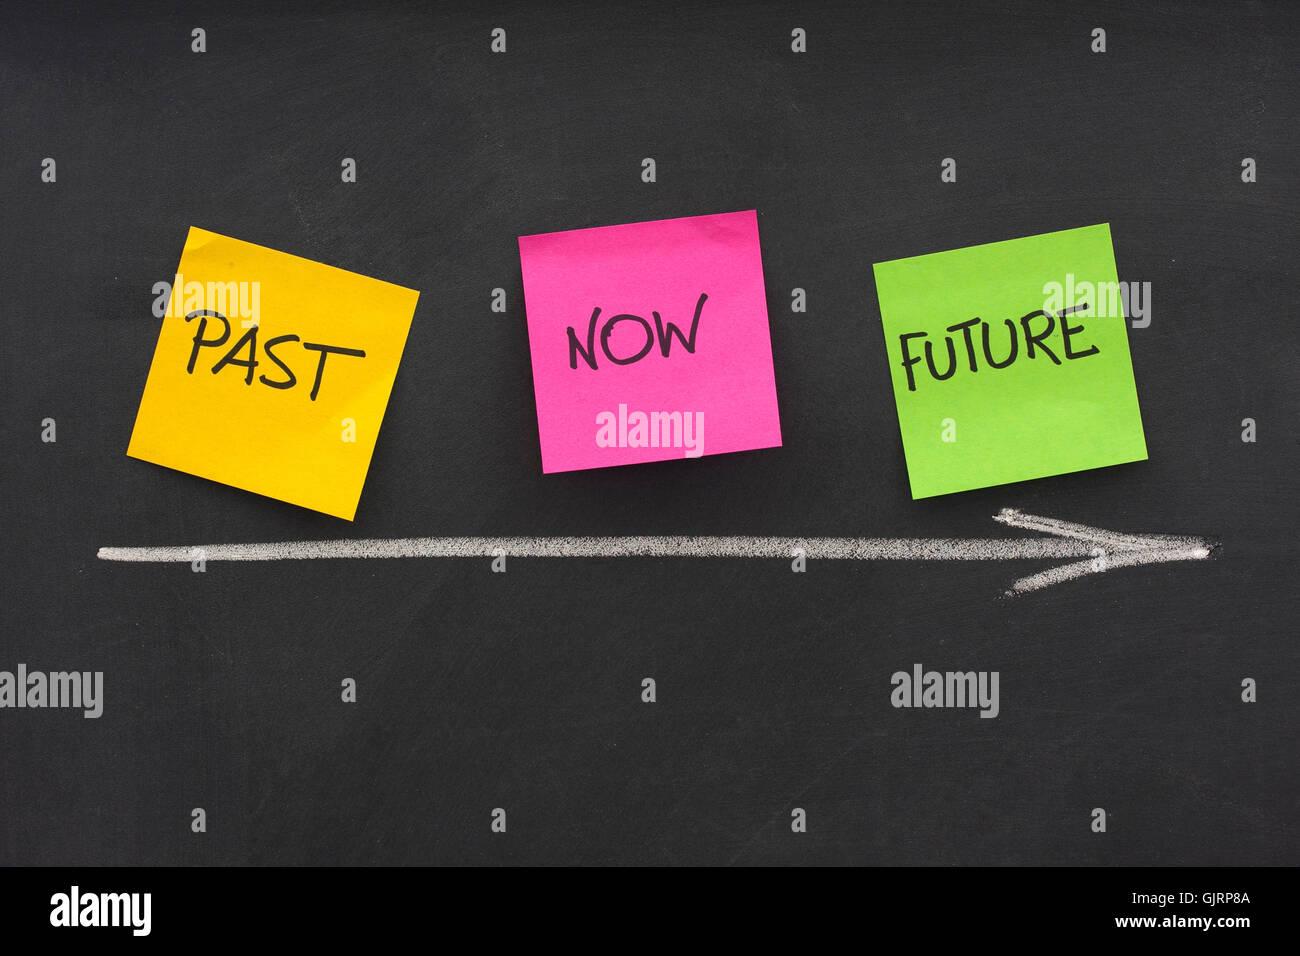 present future date - Stock Image